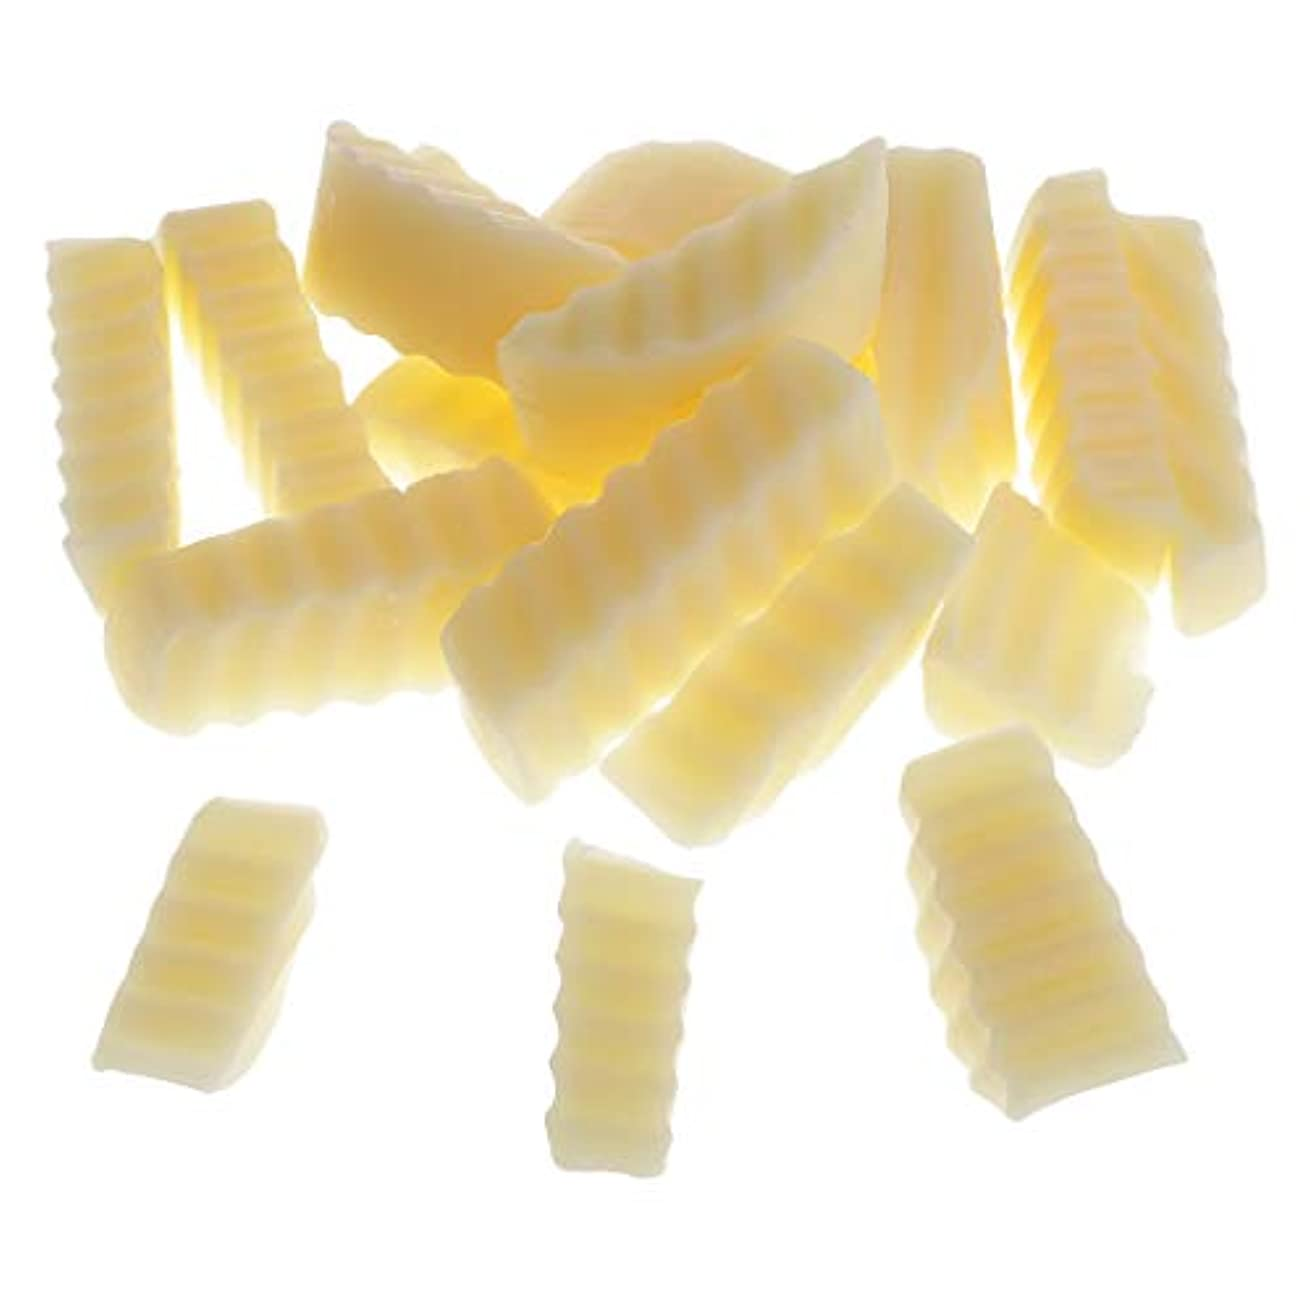 建設大きさ同行するラノリン石鹸 自然な素材 DIY手作り 石鹸 固形せっけん 約250g /パック 高品質